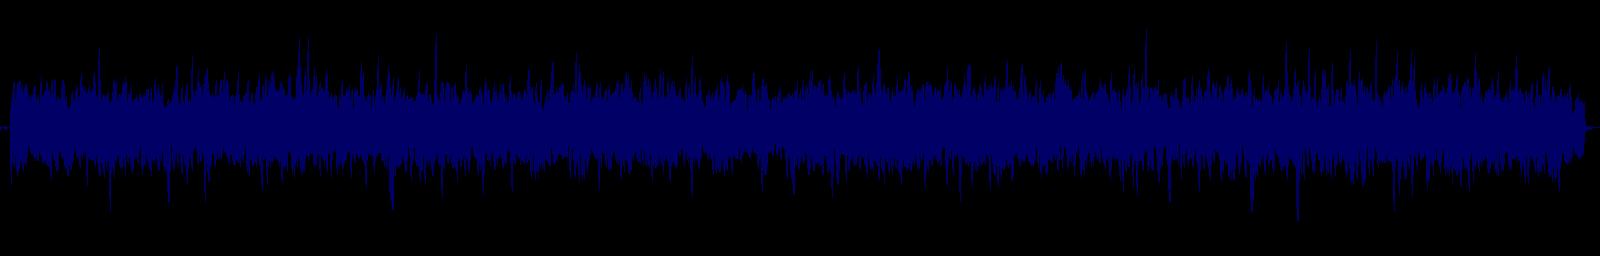 waveform of track #136873